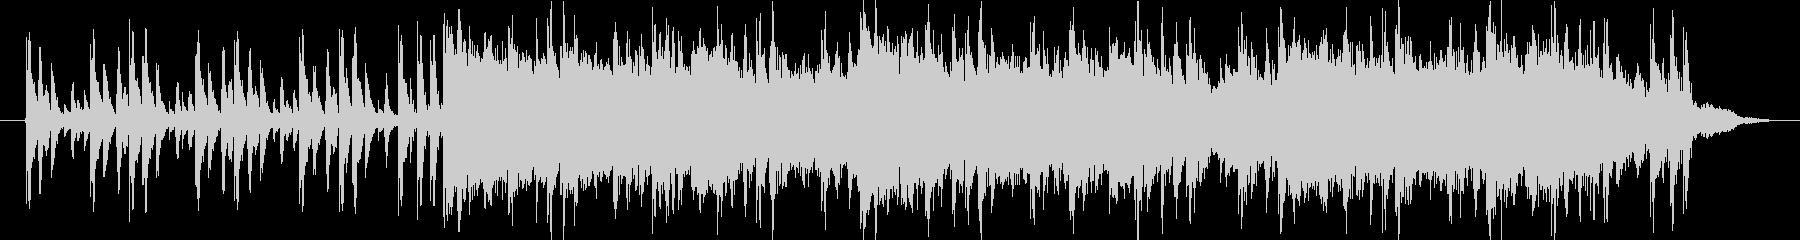 トーク用BGM(ドラムンベース、ポップ)の未再生の波形